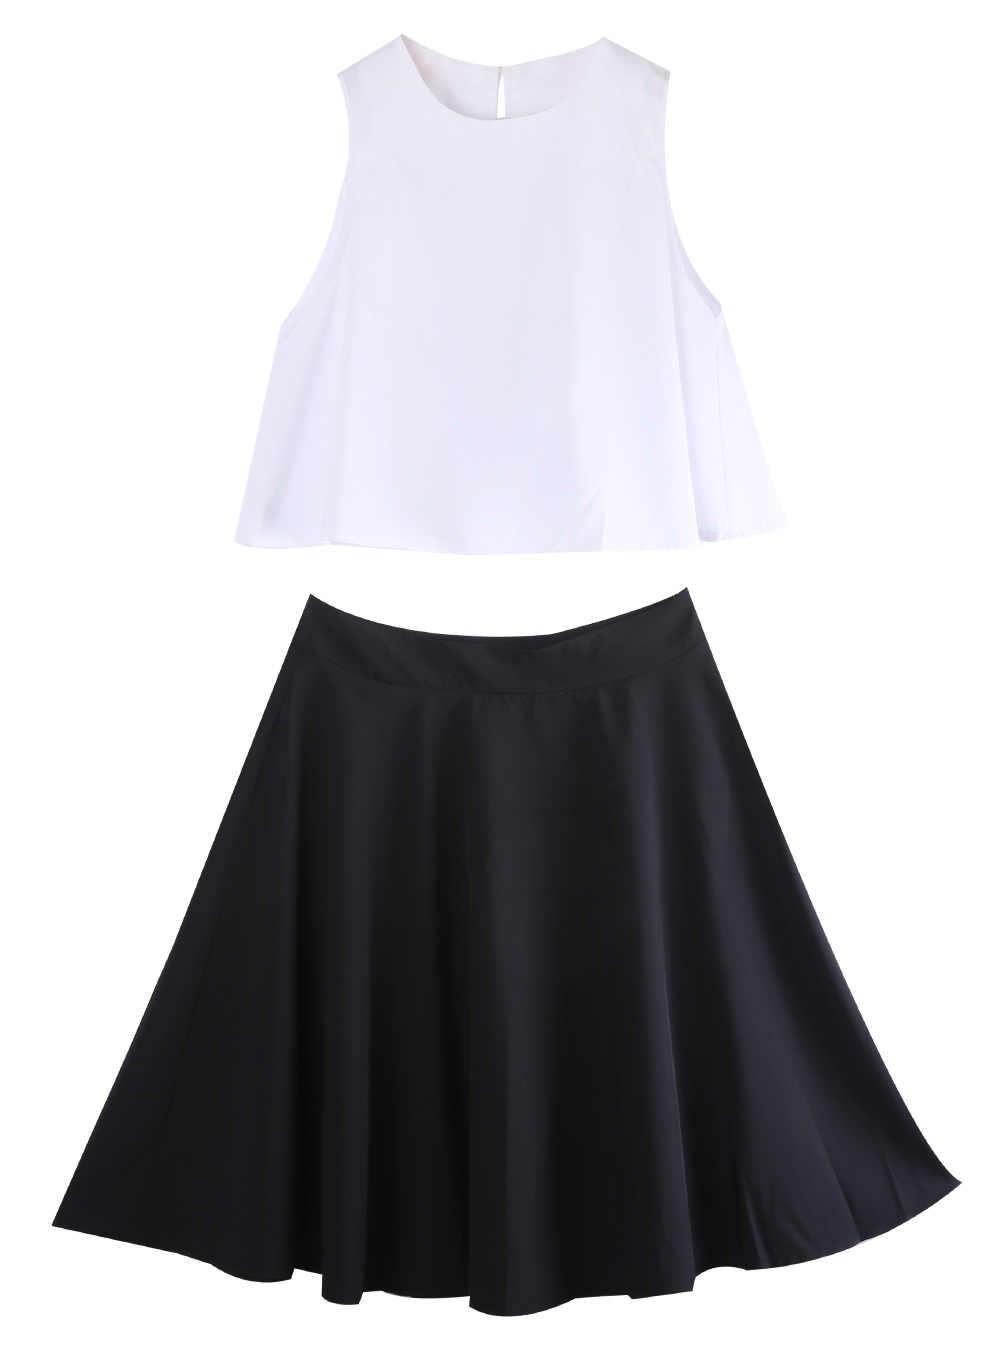 Dos piezas Sexy Vintage Oficina señoras mujeres blanco cosecha superior y Negro Midi falda trajes ropa conjunto Fiesta Club ropa